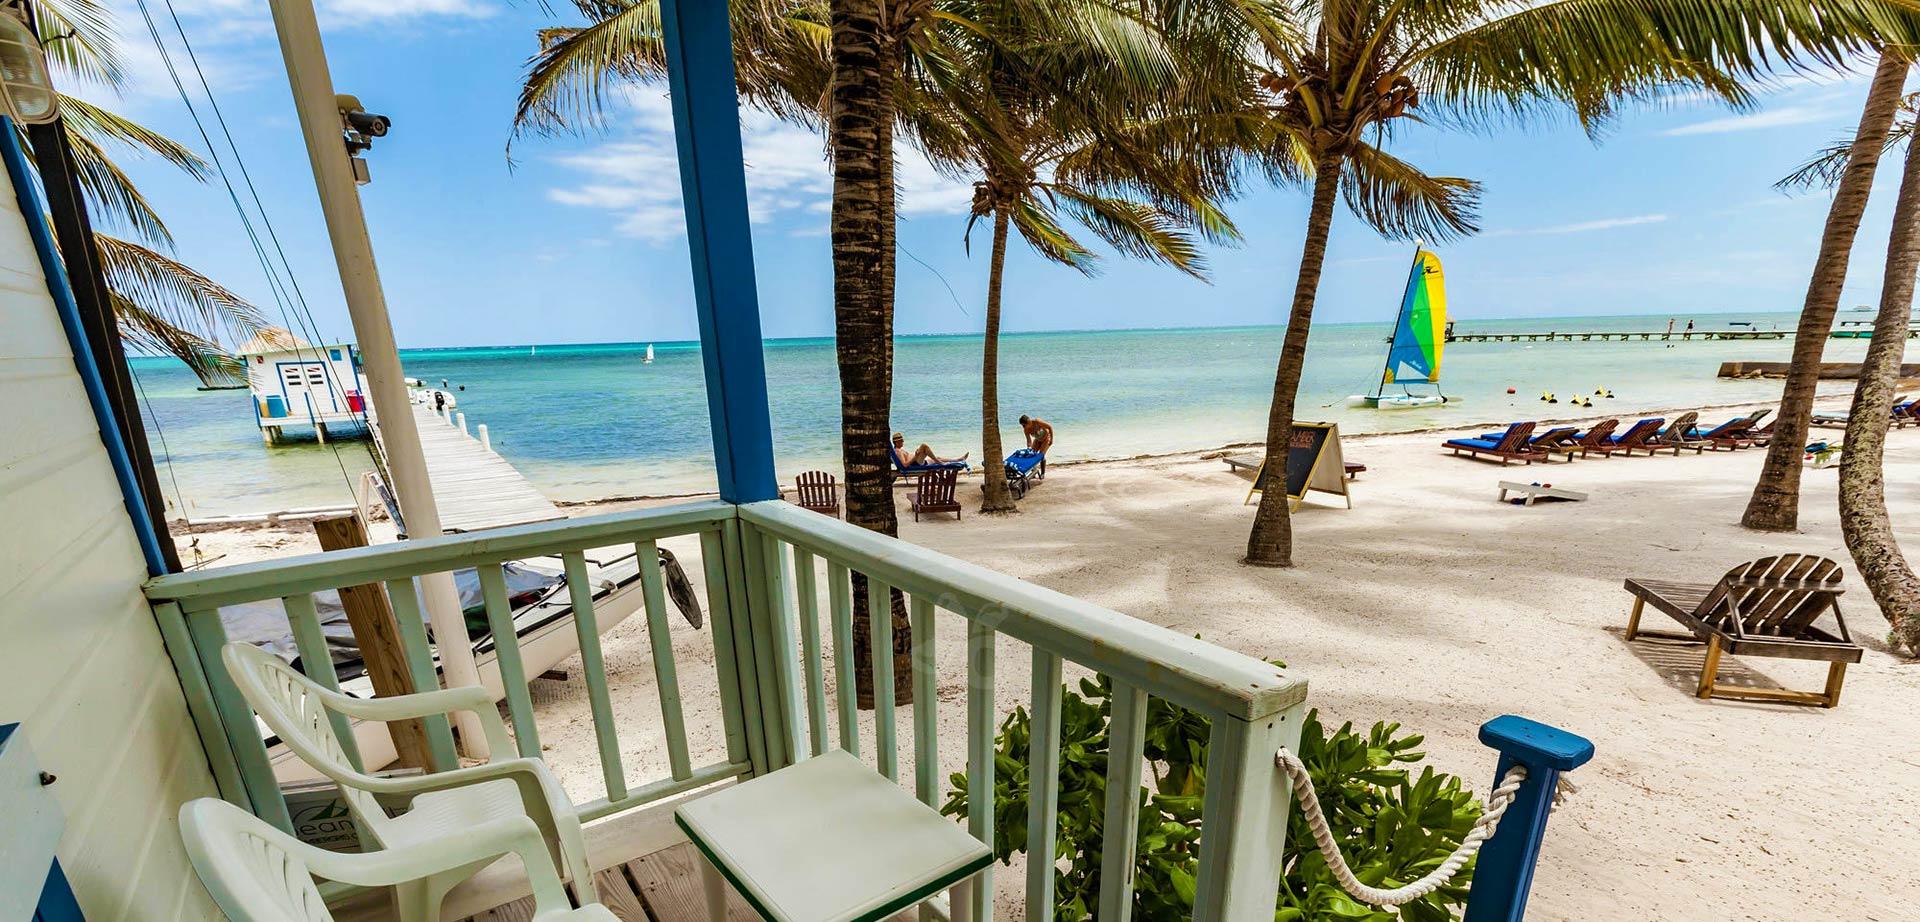 ambergris caye hotels san pedro belize hotels caribbean. Black Bedroom Furniture Sets. Home Design Ideas